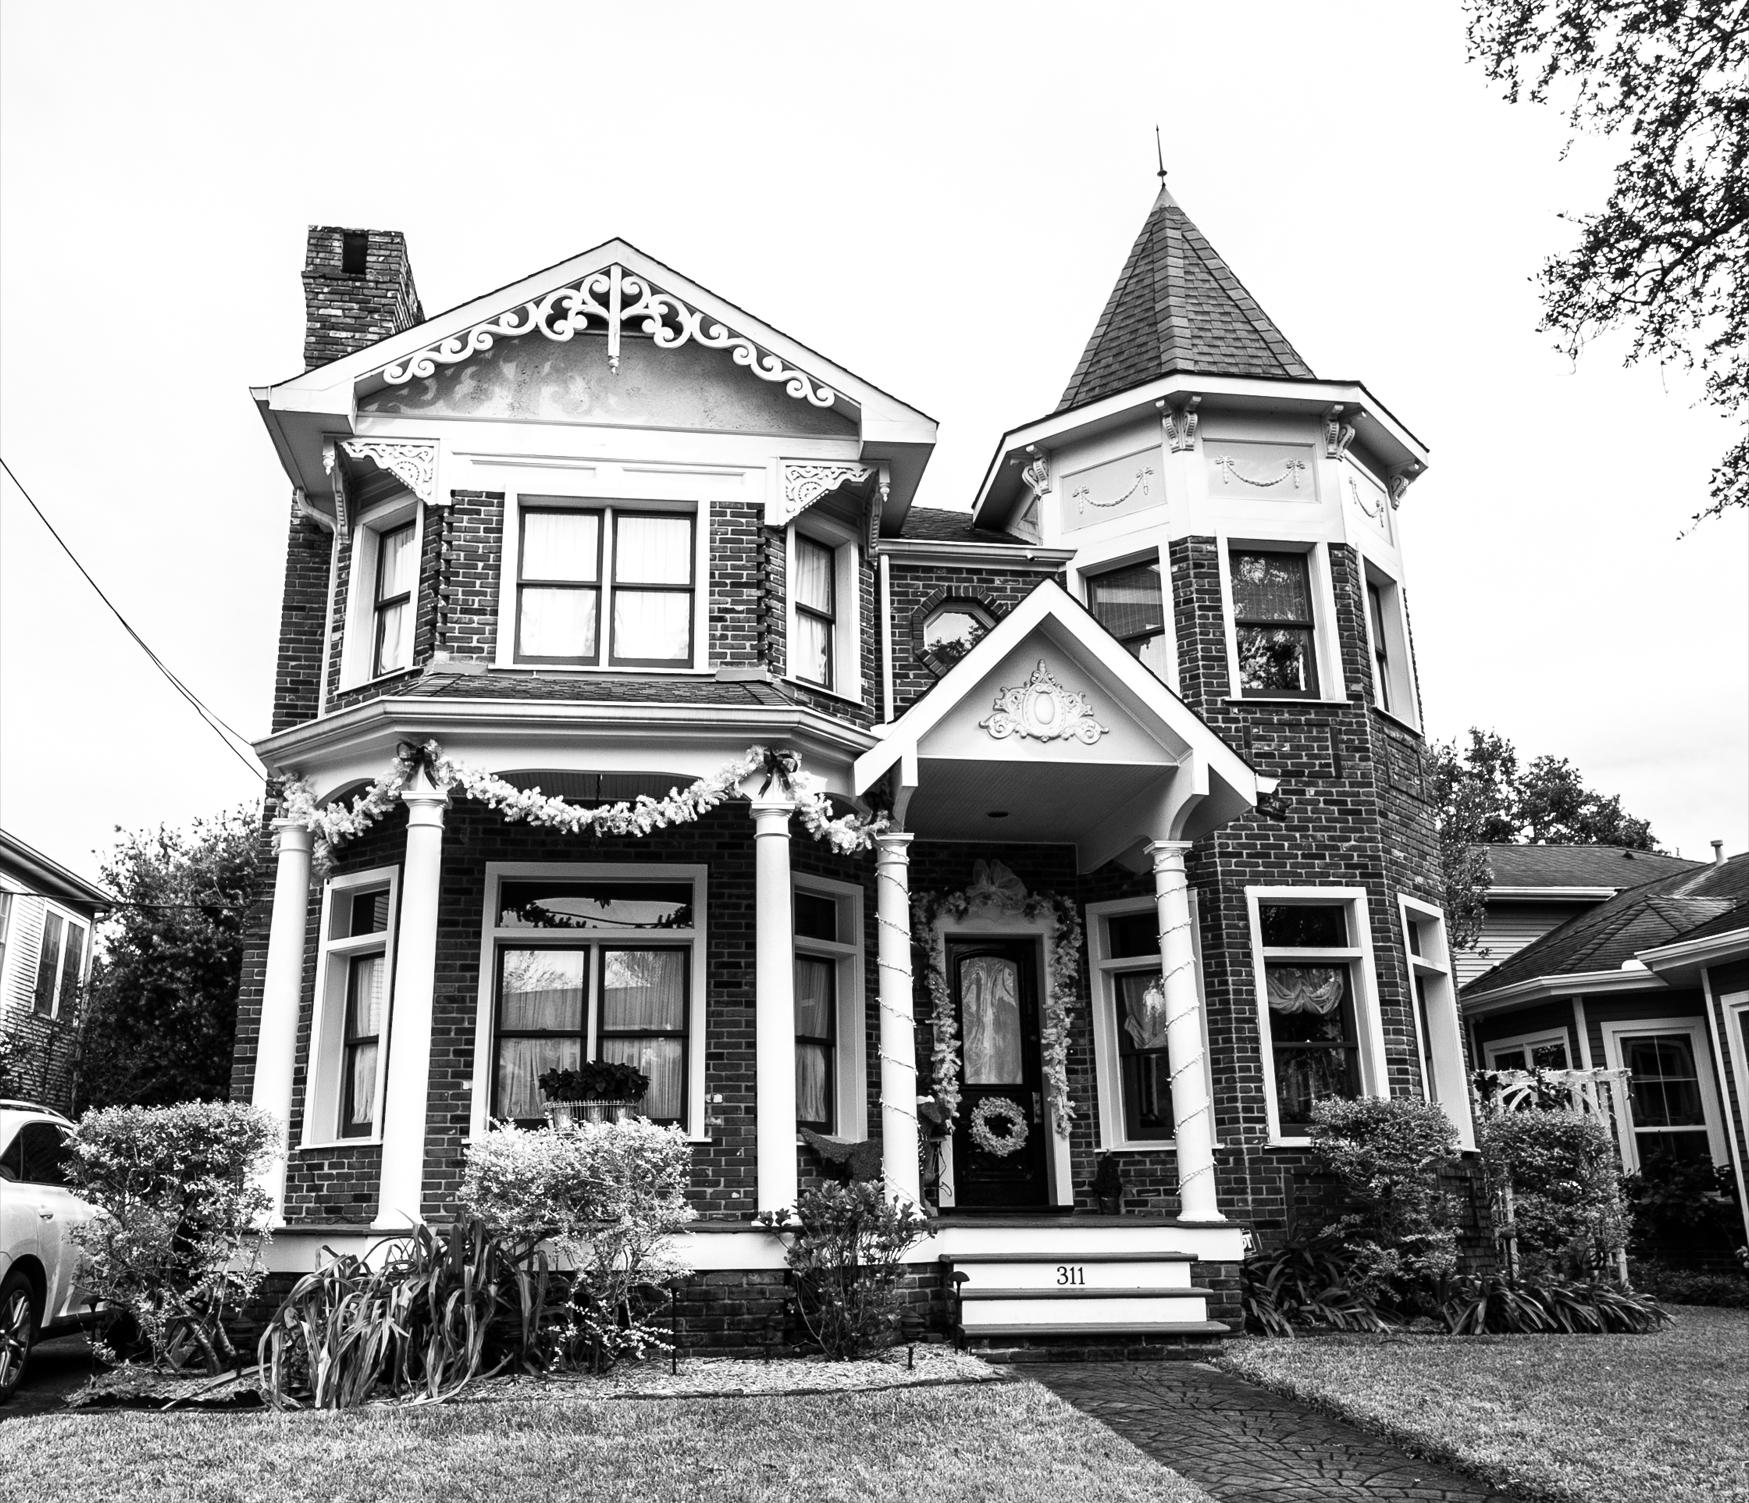 BG_HOUSE_25.jpg